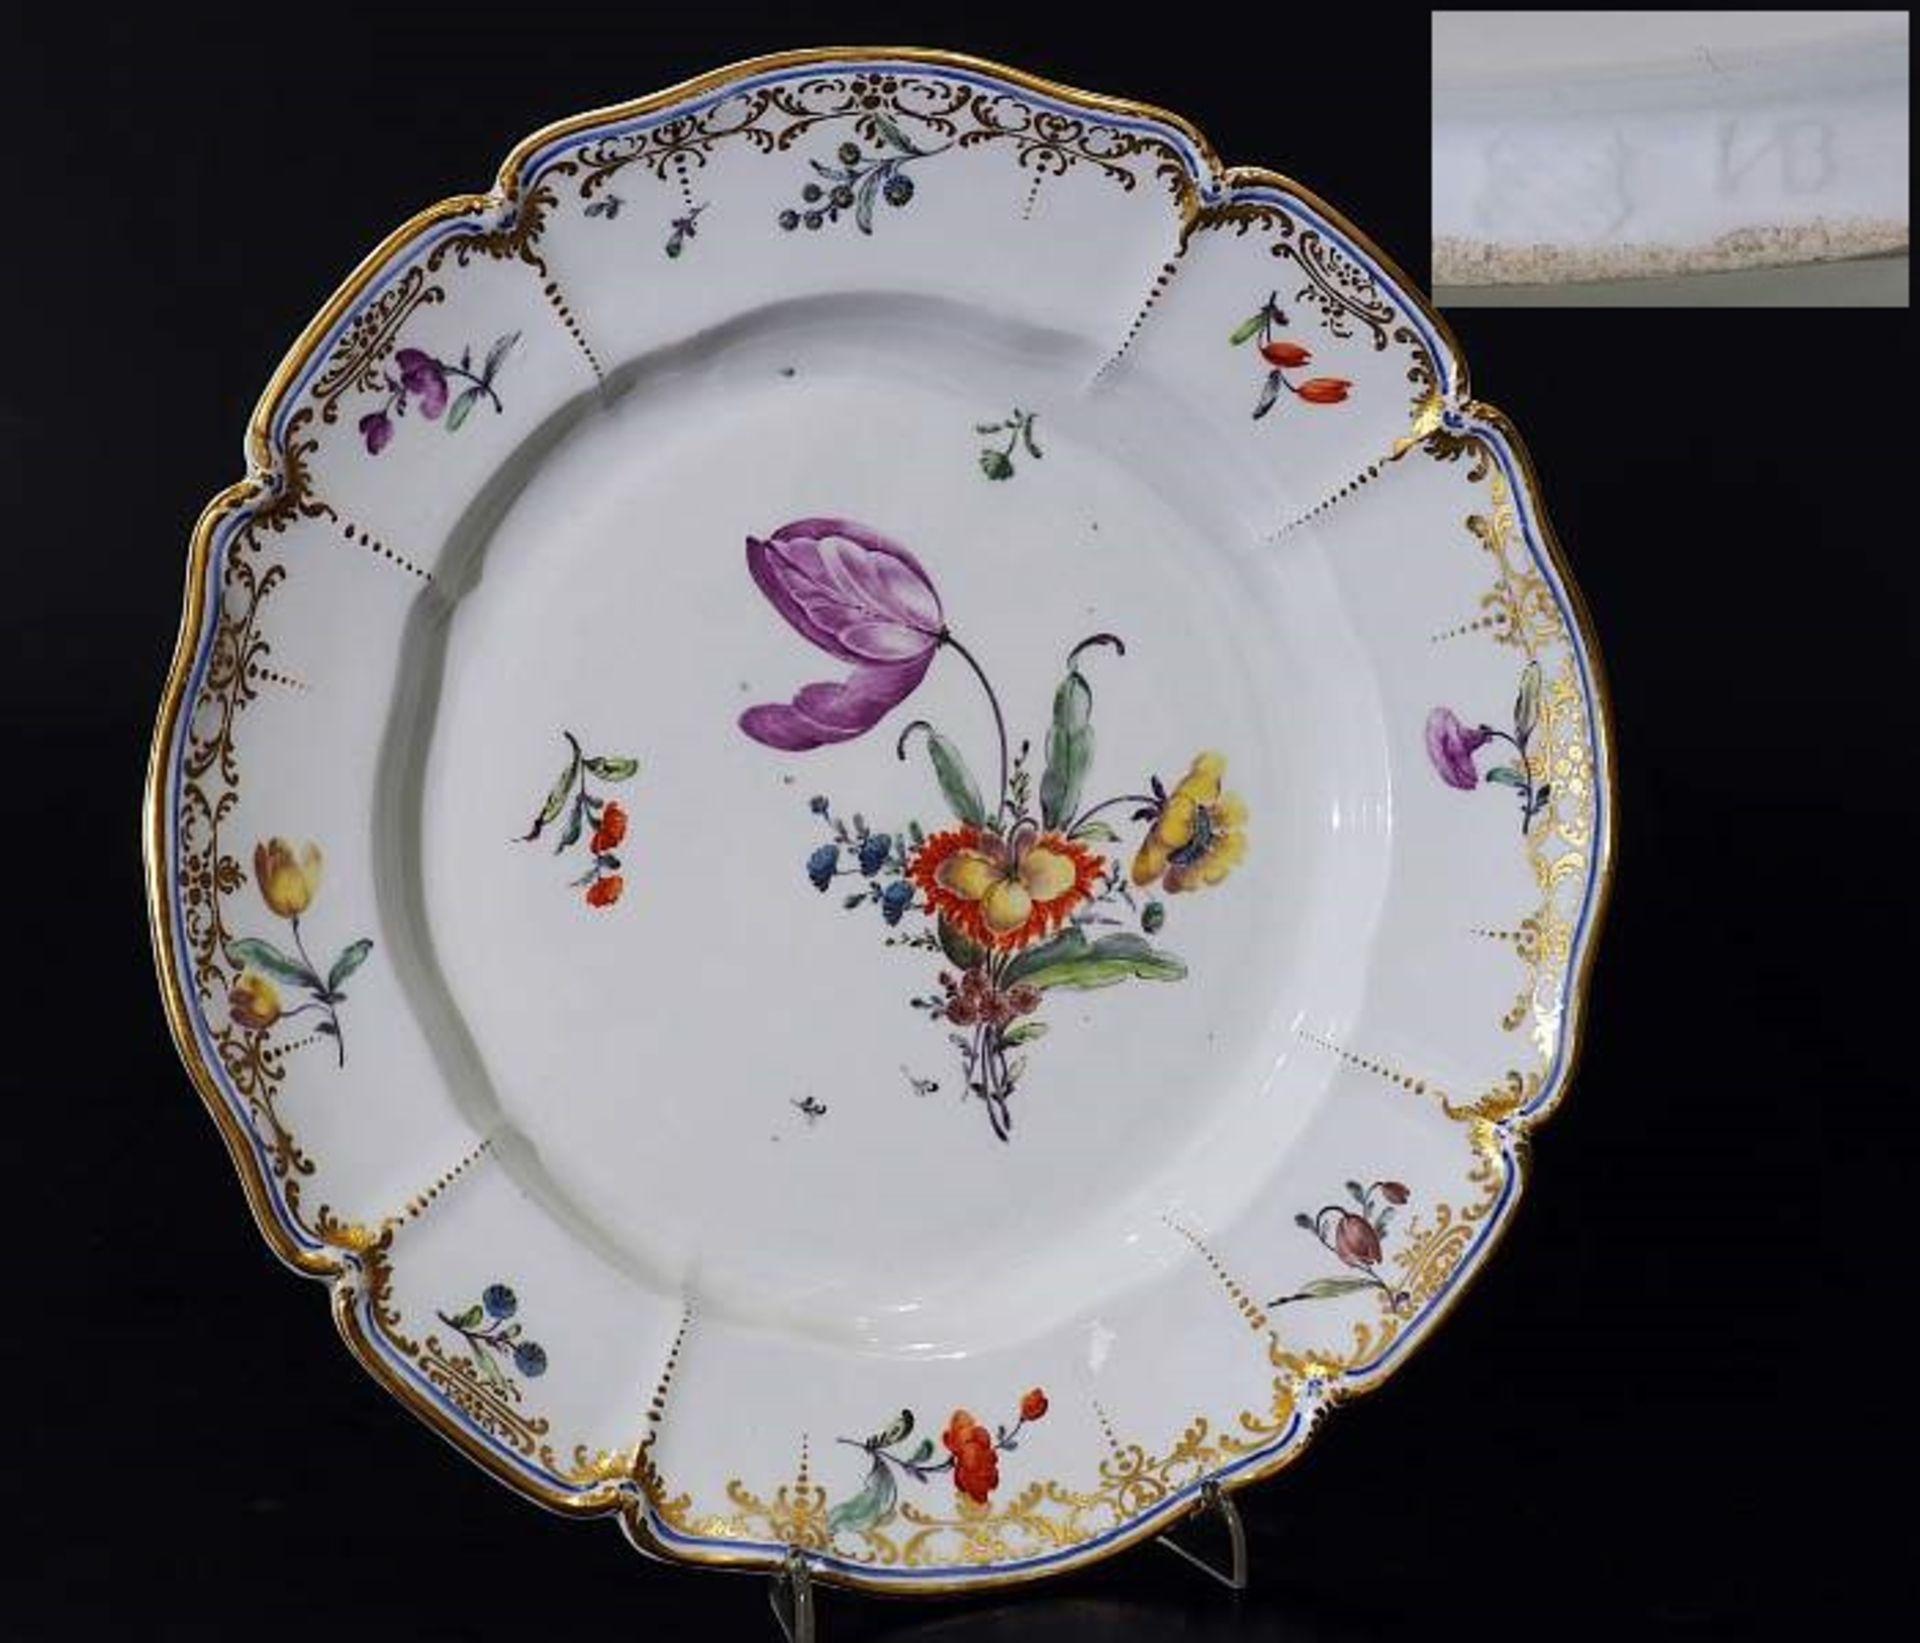 Zierteller. NYMPHENBURG 18. Jahrhundert. Zierteller. NYMPHENBURG 18. Jahrhundert. Teller aus dem